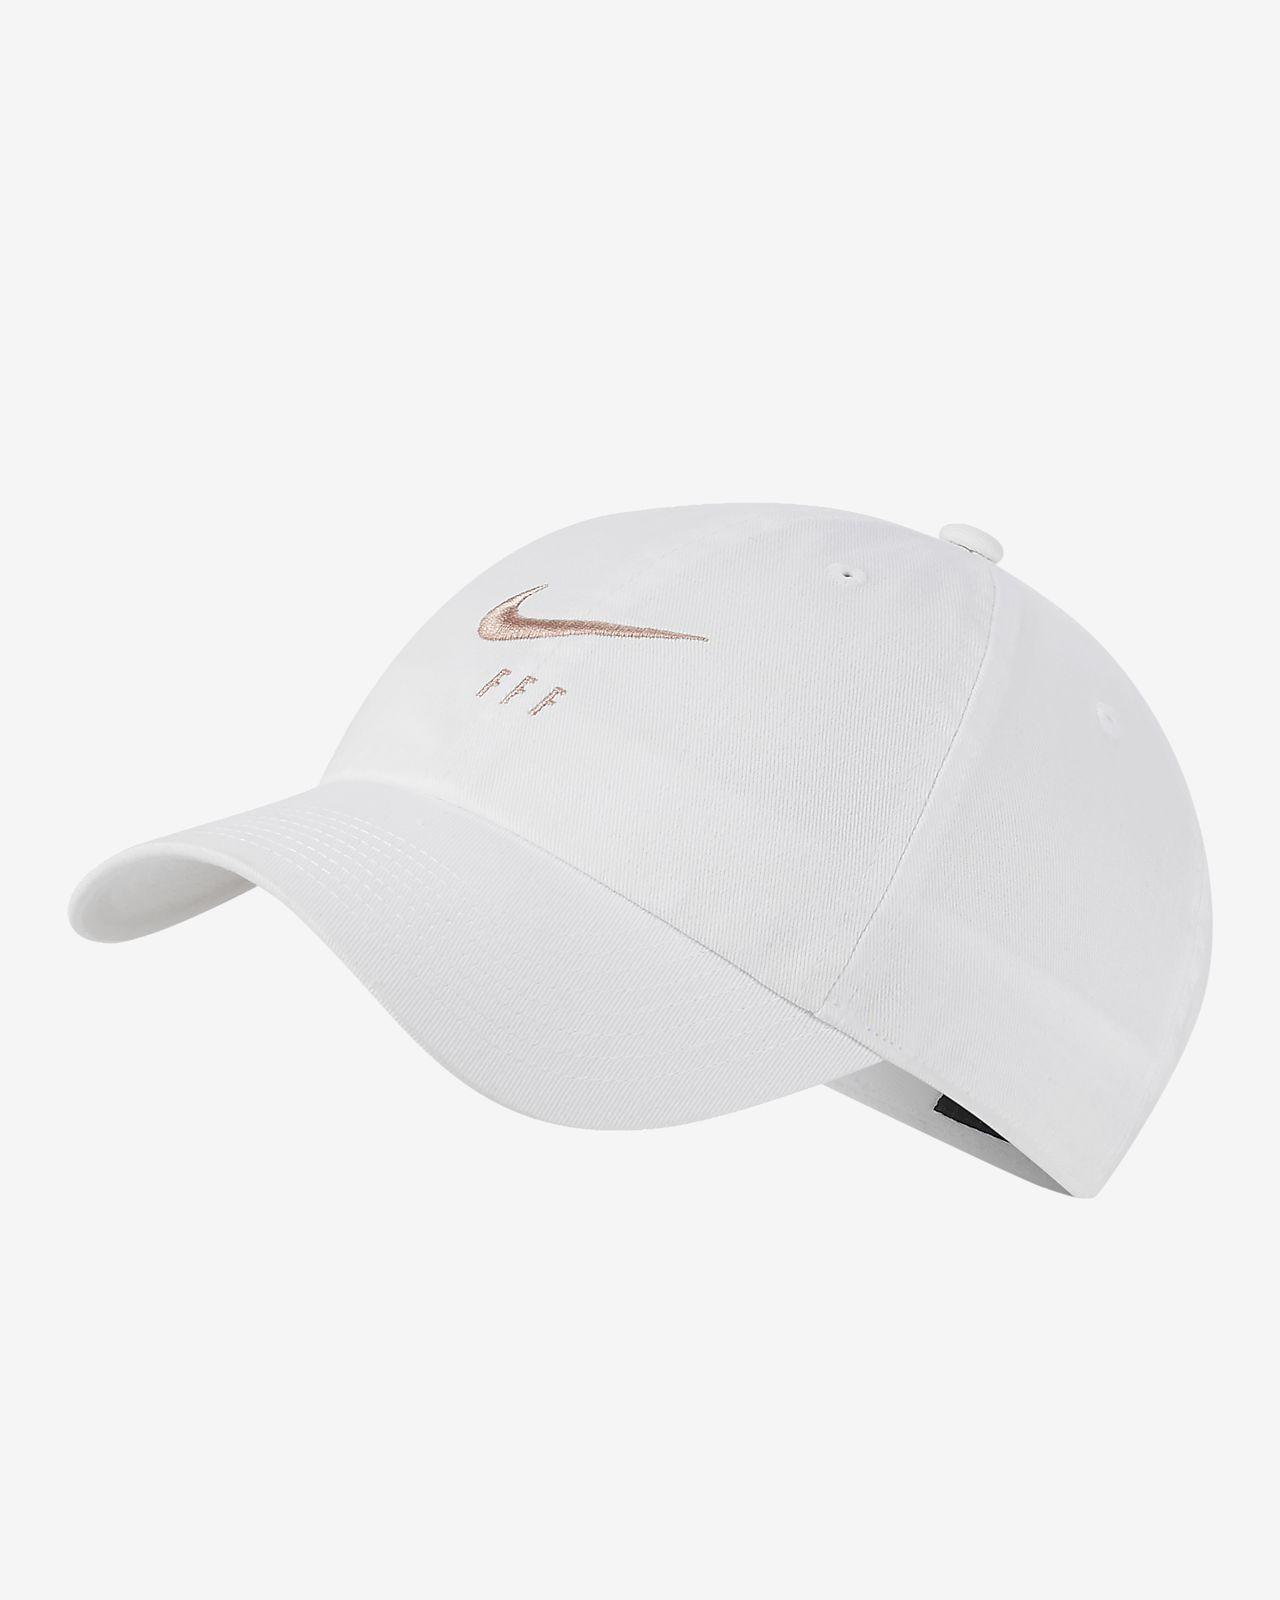 Ρυθμιζόμενο καπέλο ποδοσφαίρου FFF Heritage86